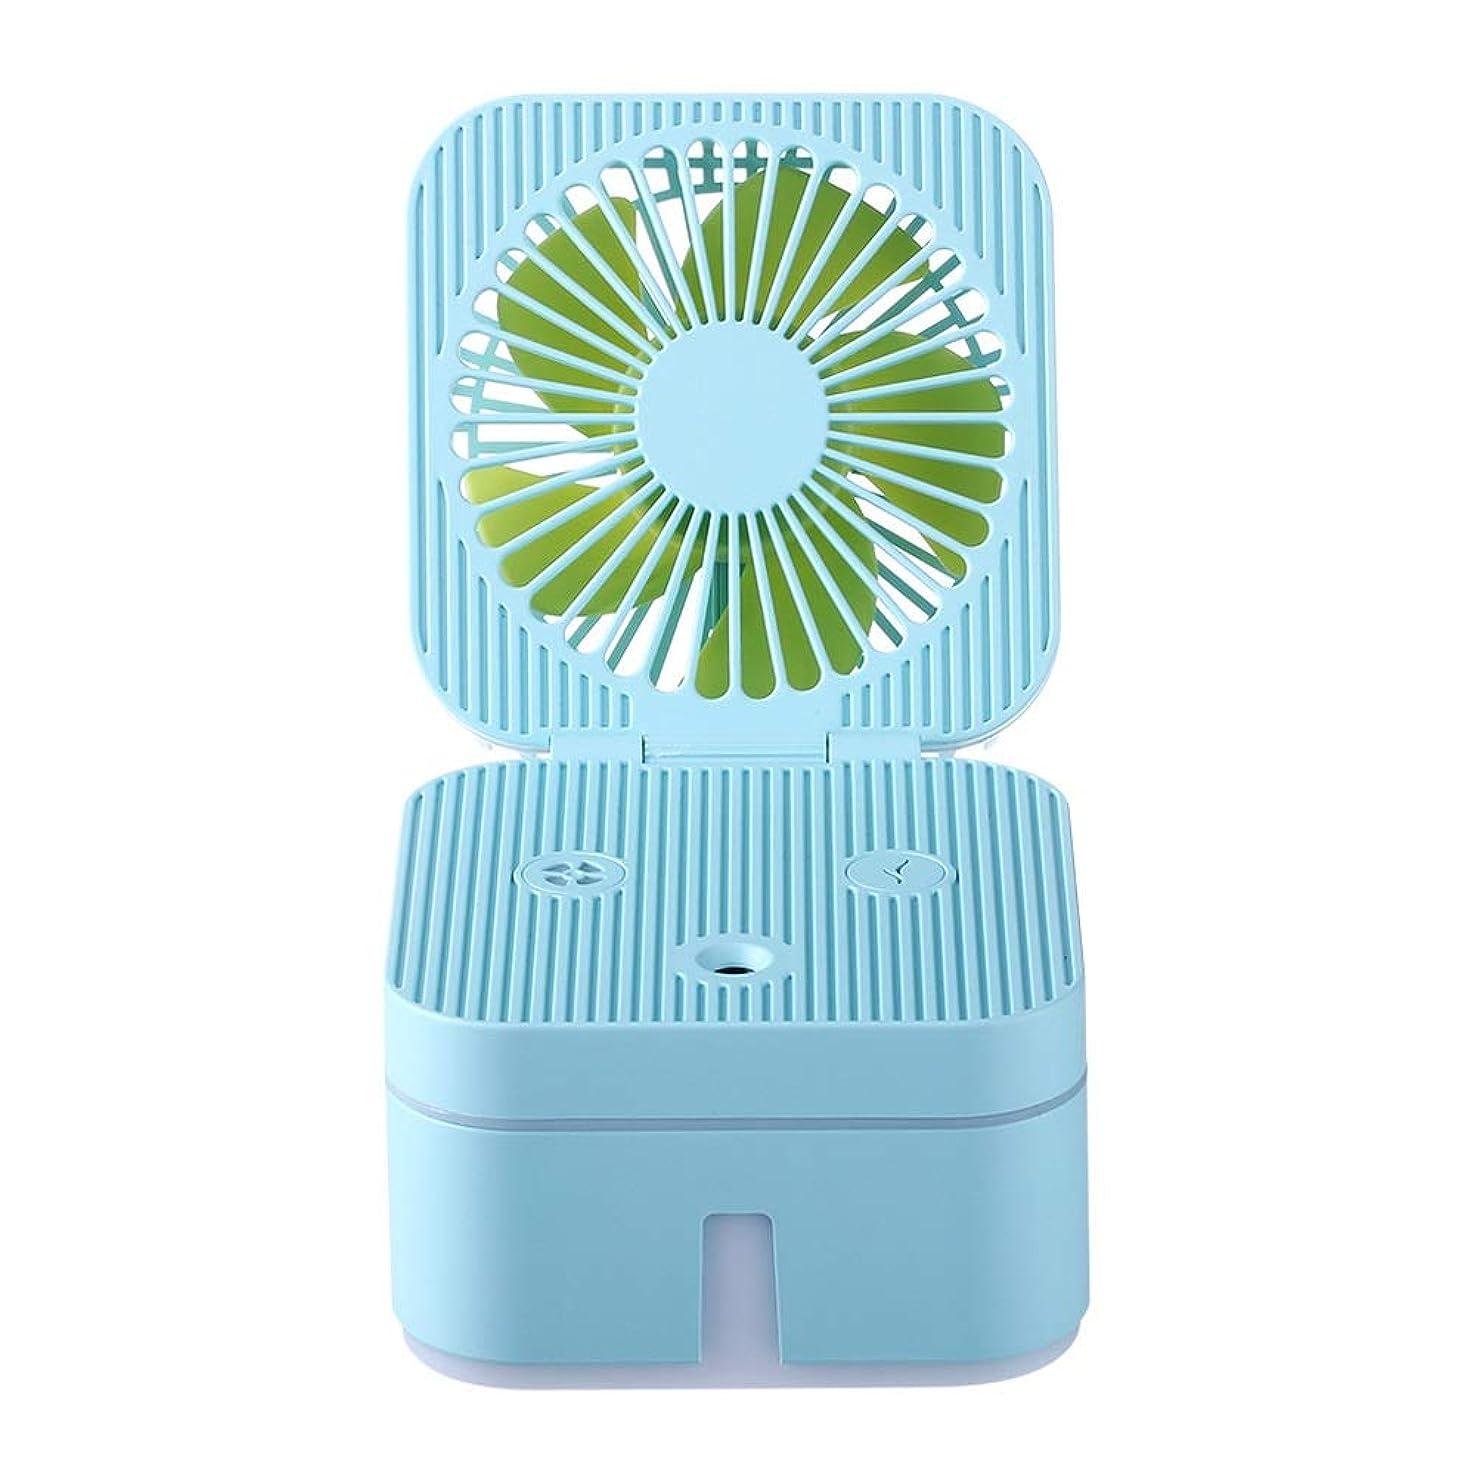 自分を引き上げる粗い臭いZXF 容量保湿美容機器ABS素材USB充電加湿器ウォータースプレーメーターブルー 滑らかである